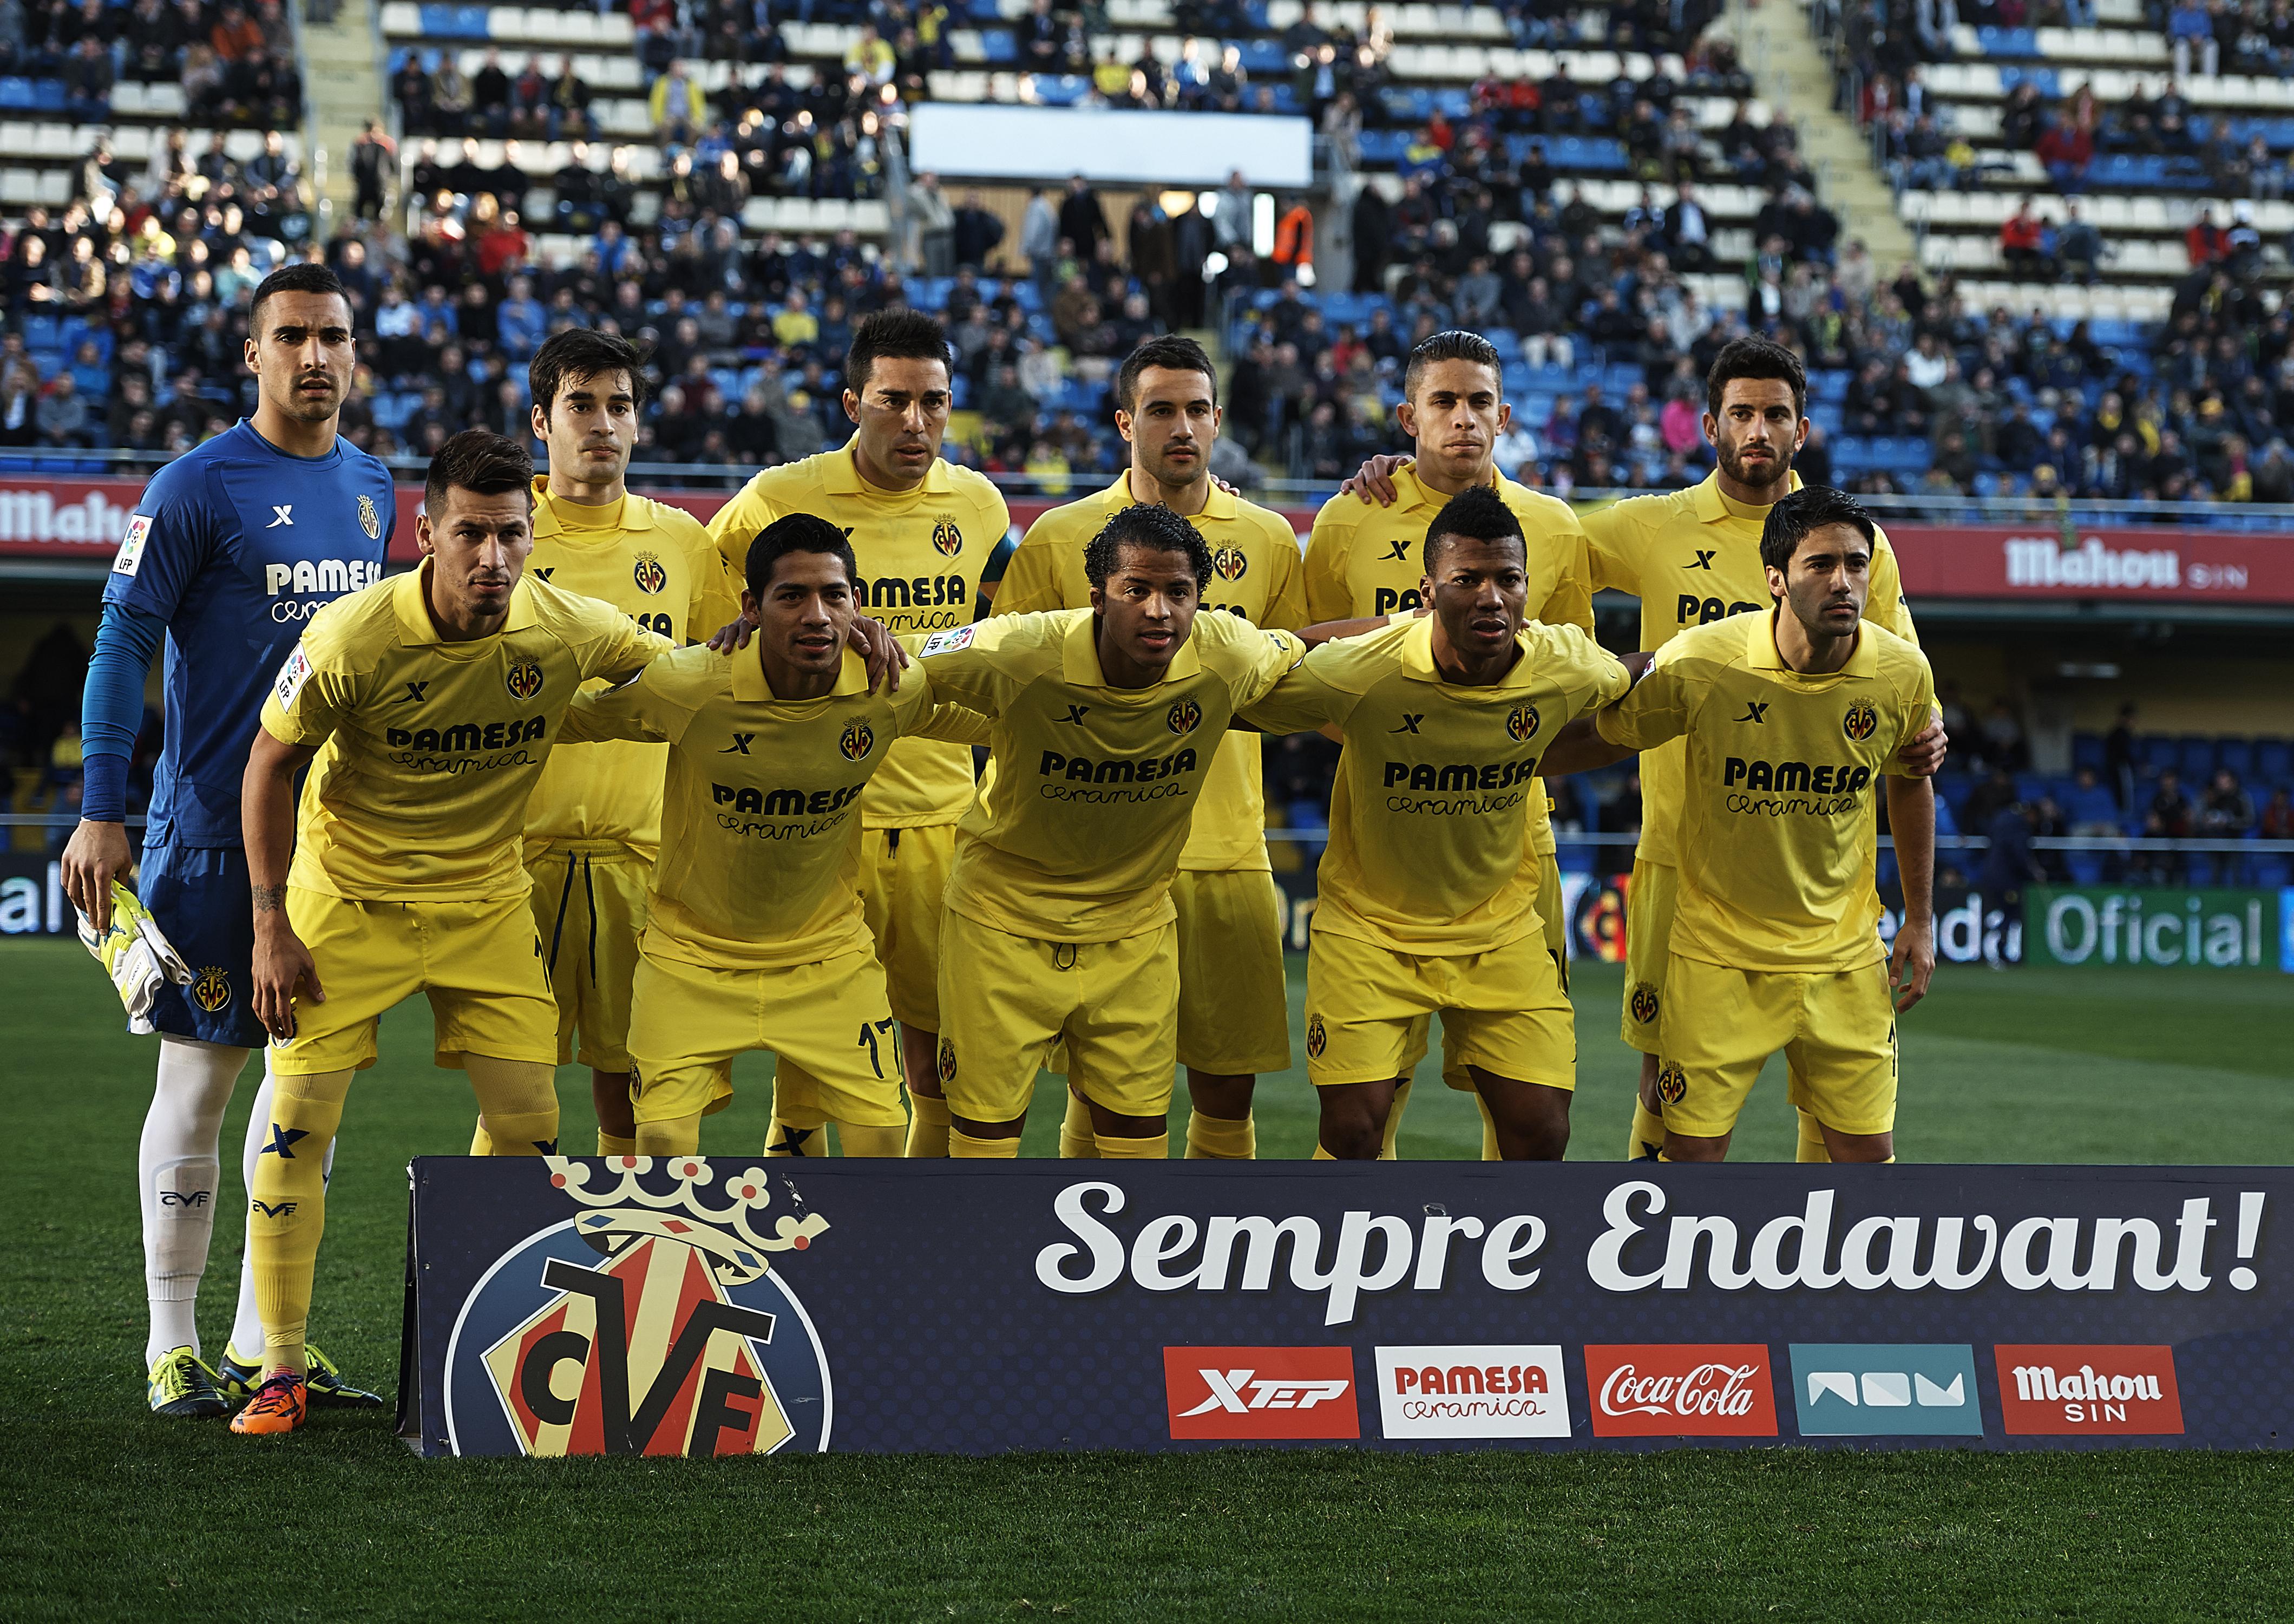 Villarreal CF v Sevilla FC - La Liga